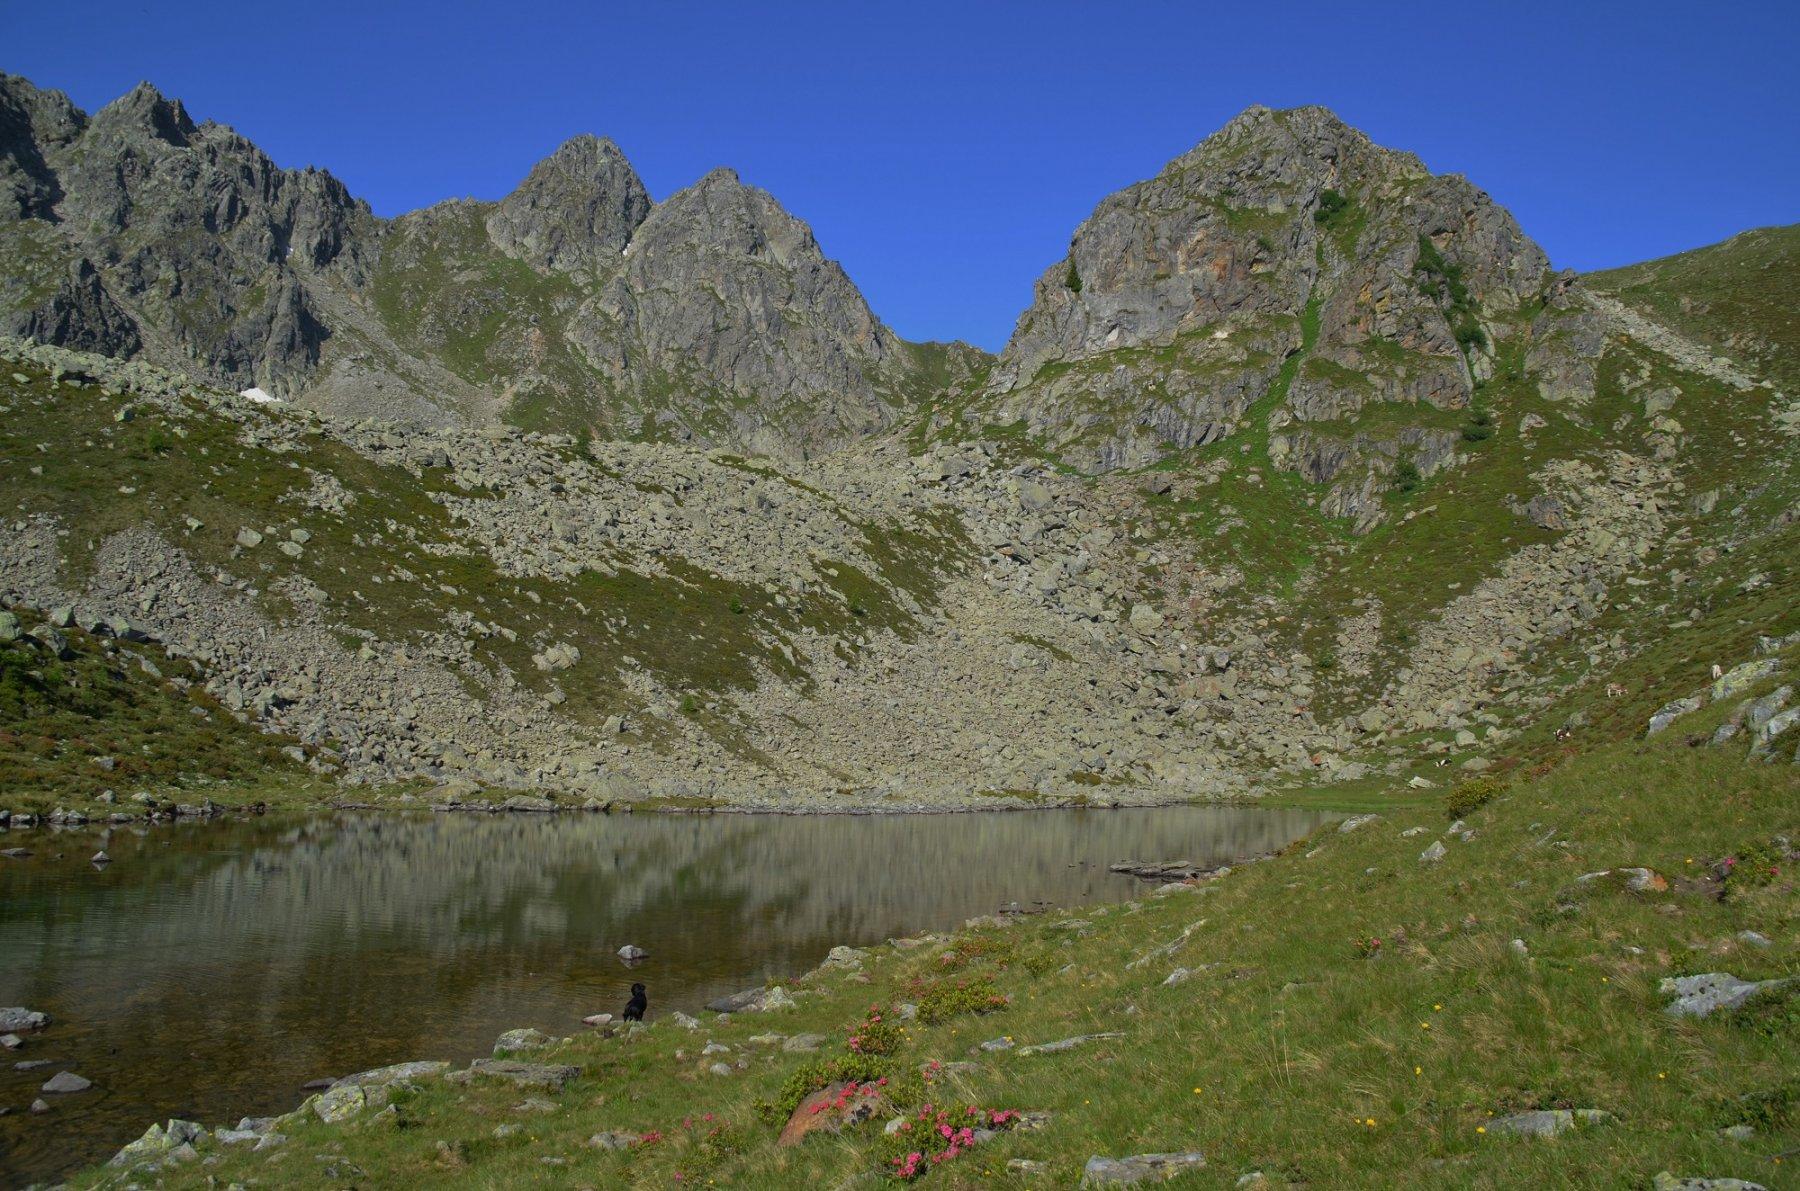 Lago Poinella 2180 m, Cima Poinella a destra, Cima Binasia e Schrumm-Spitze a sinistra